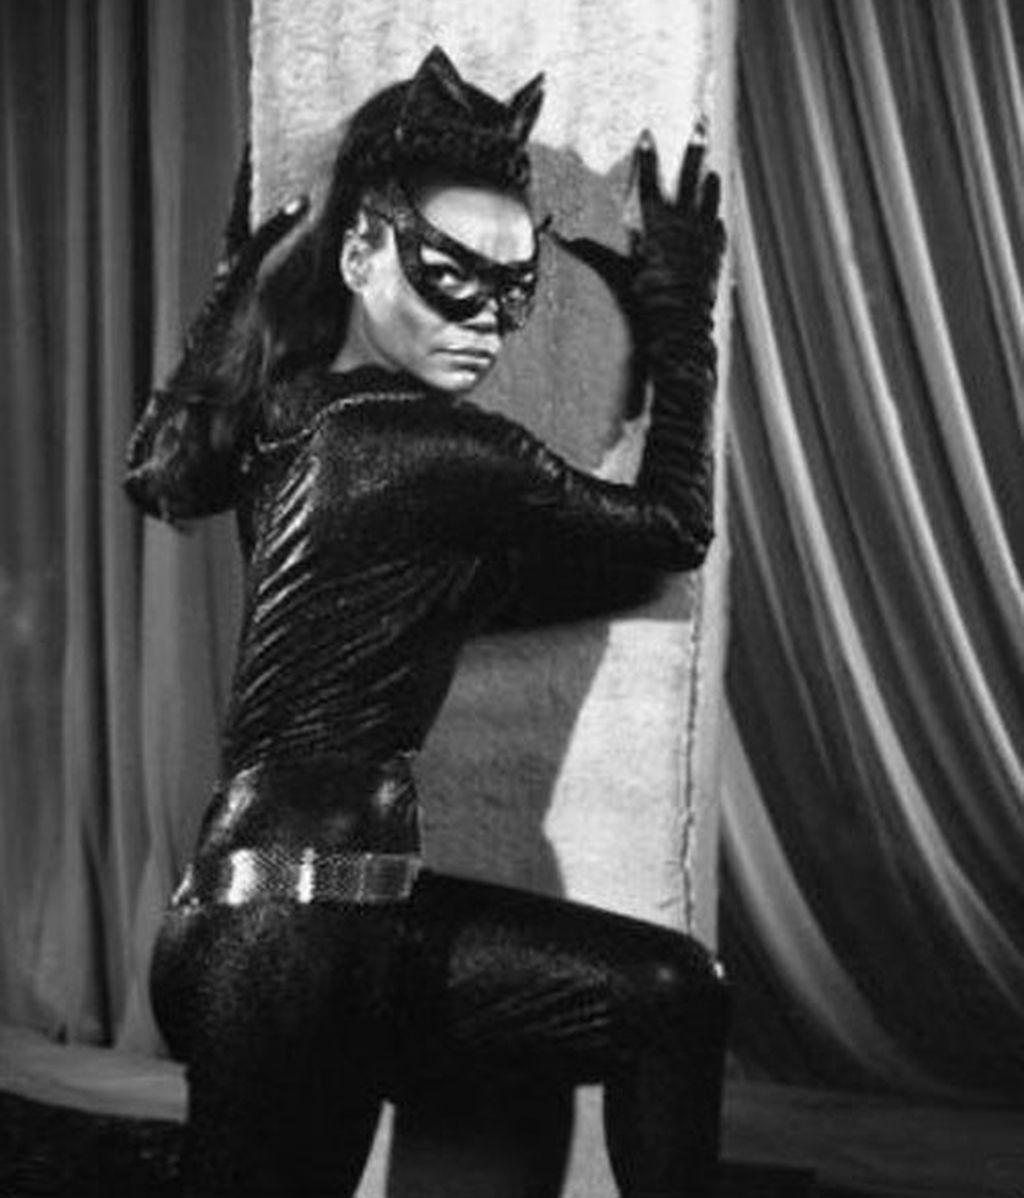 Repaso a las 'Catwoman' de la historia